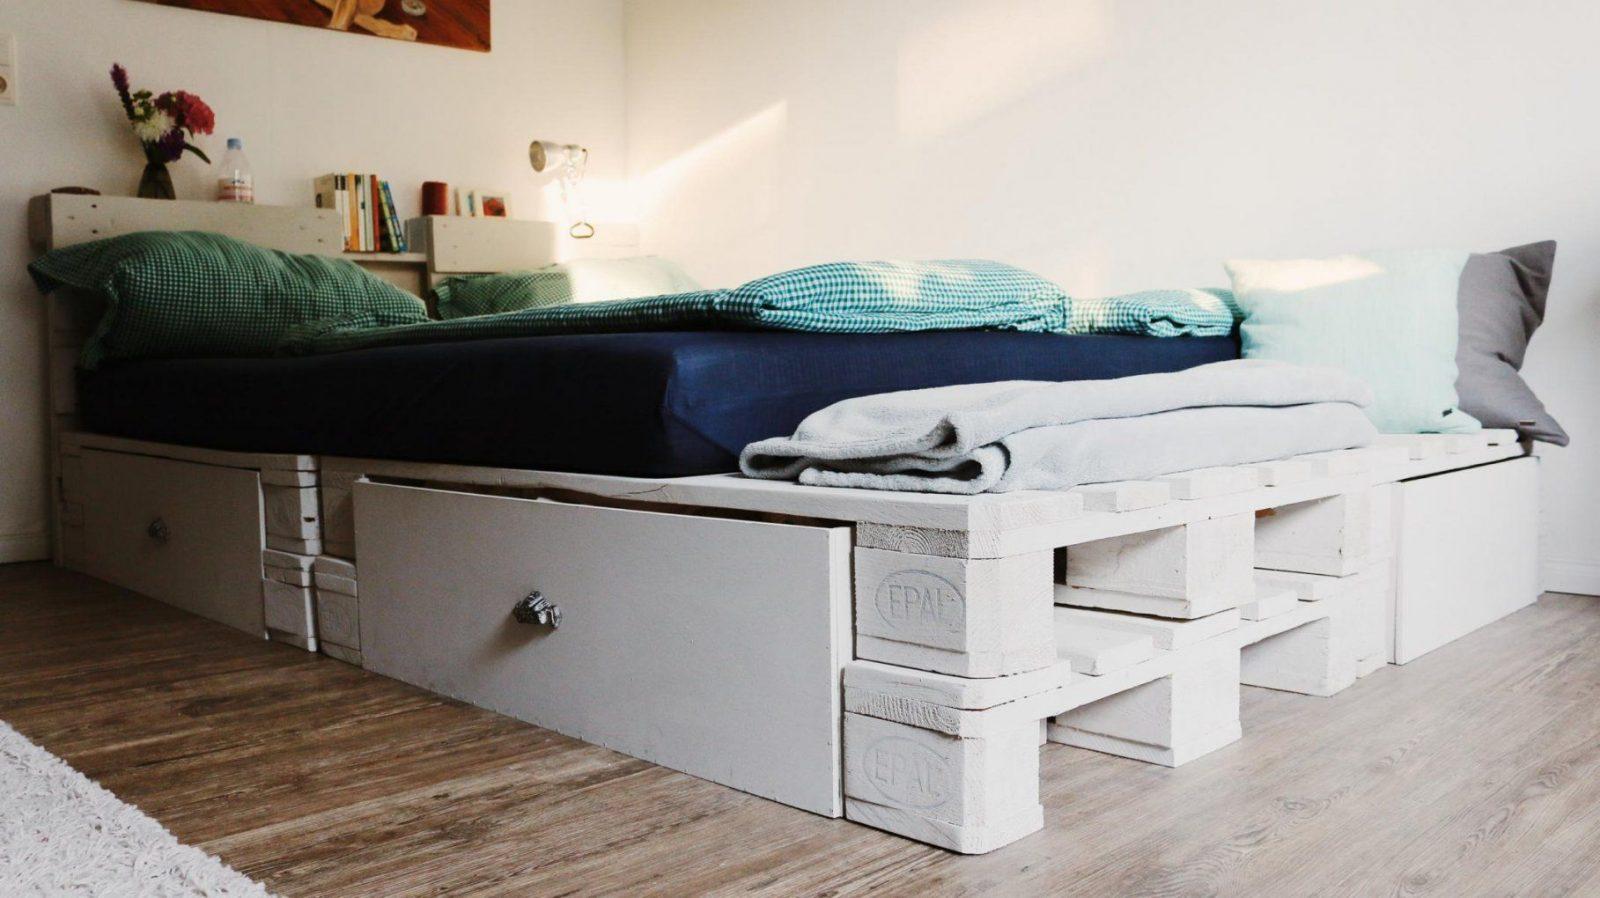 ᐅᐅ Palettenbett Selber Bauen  Europaletten Bett Diy Anleitung & Shop von Bett Mit Europaletten Bauen Photo